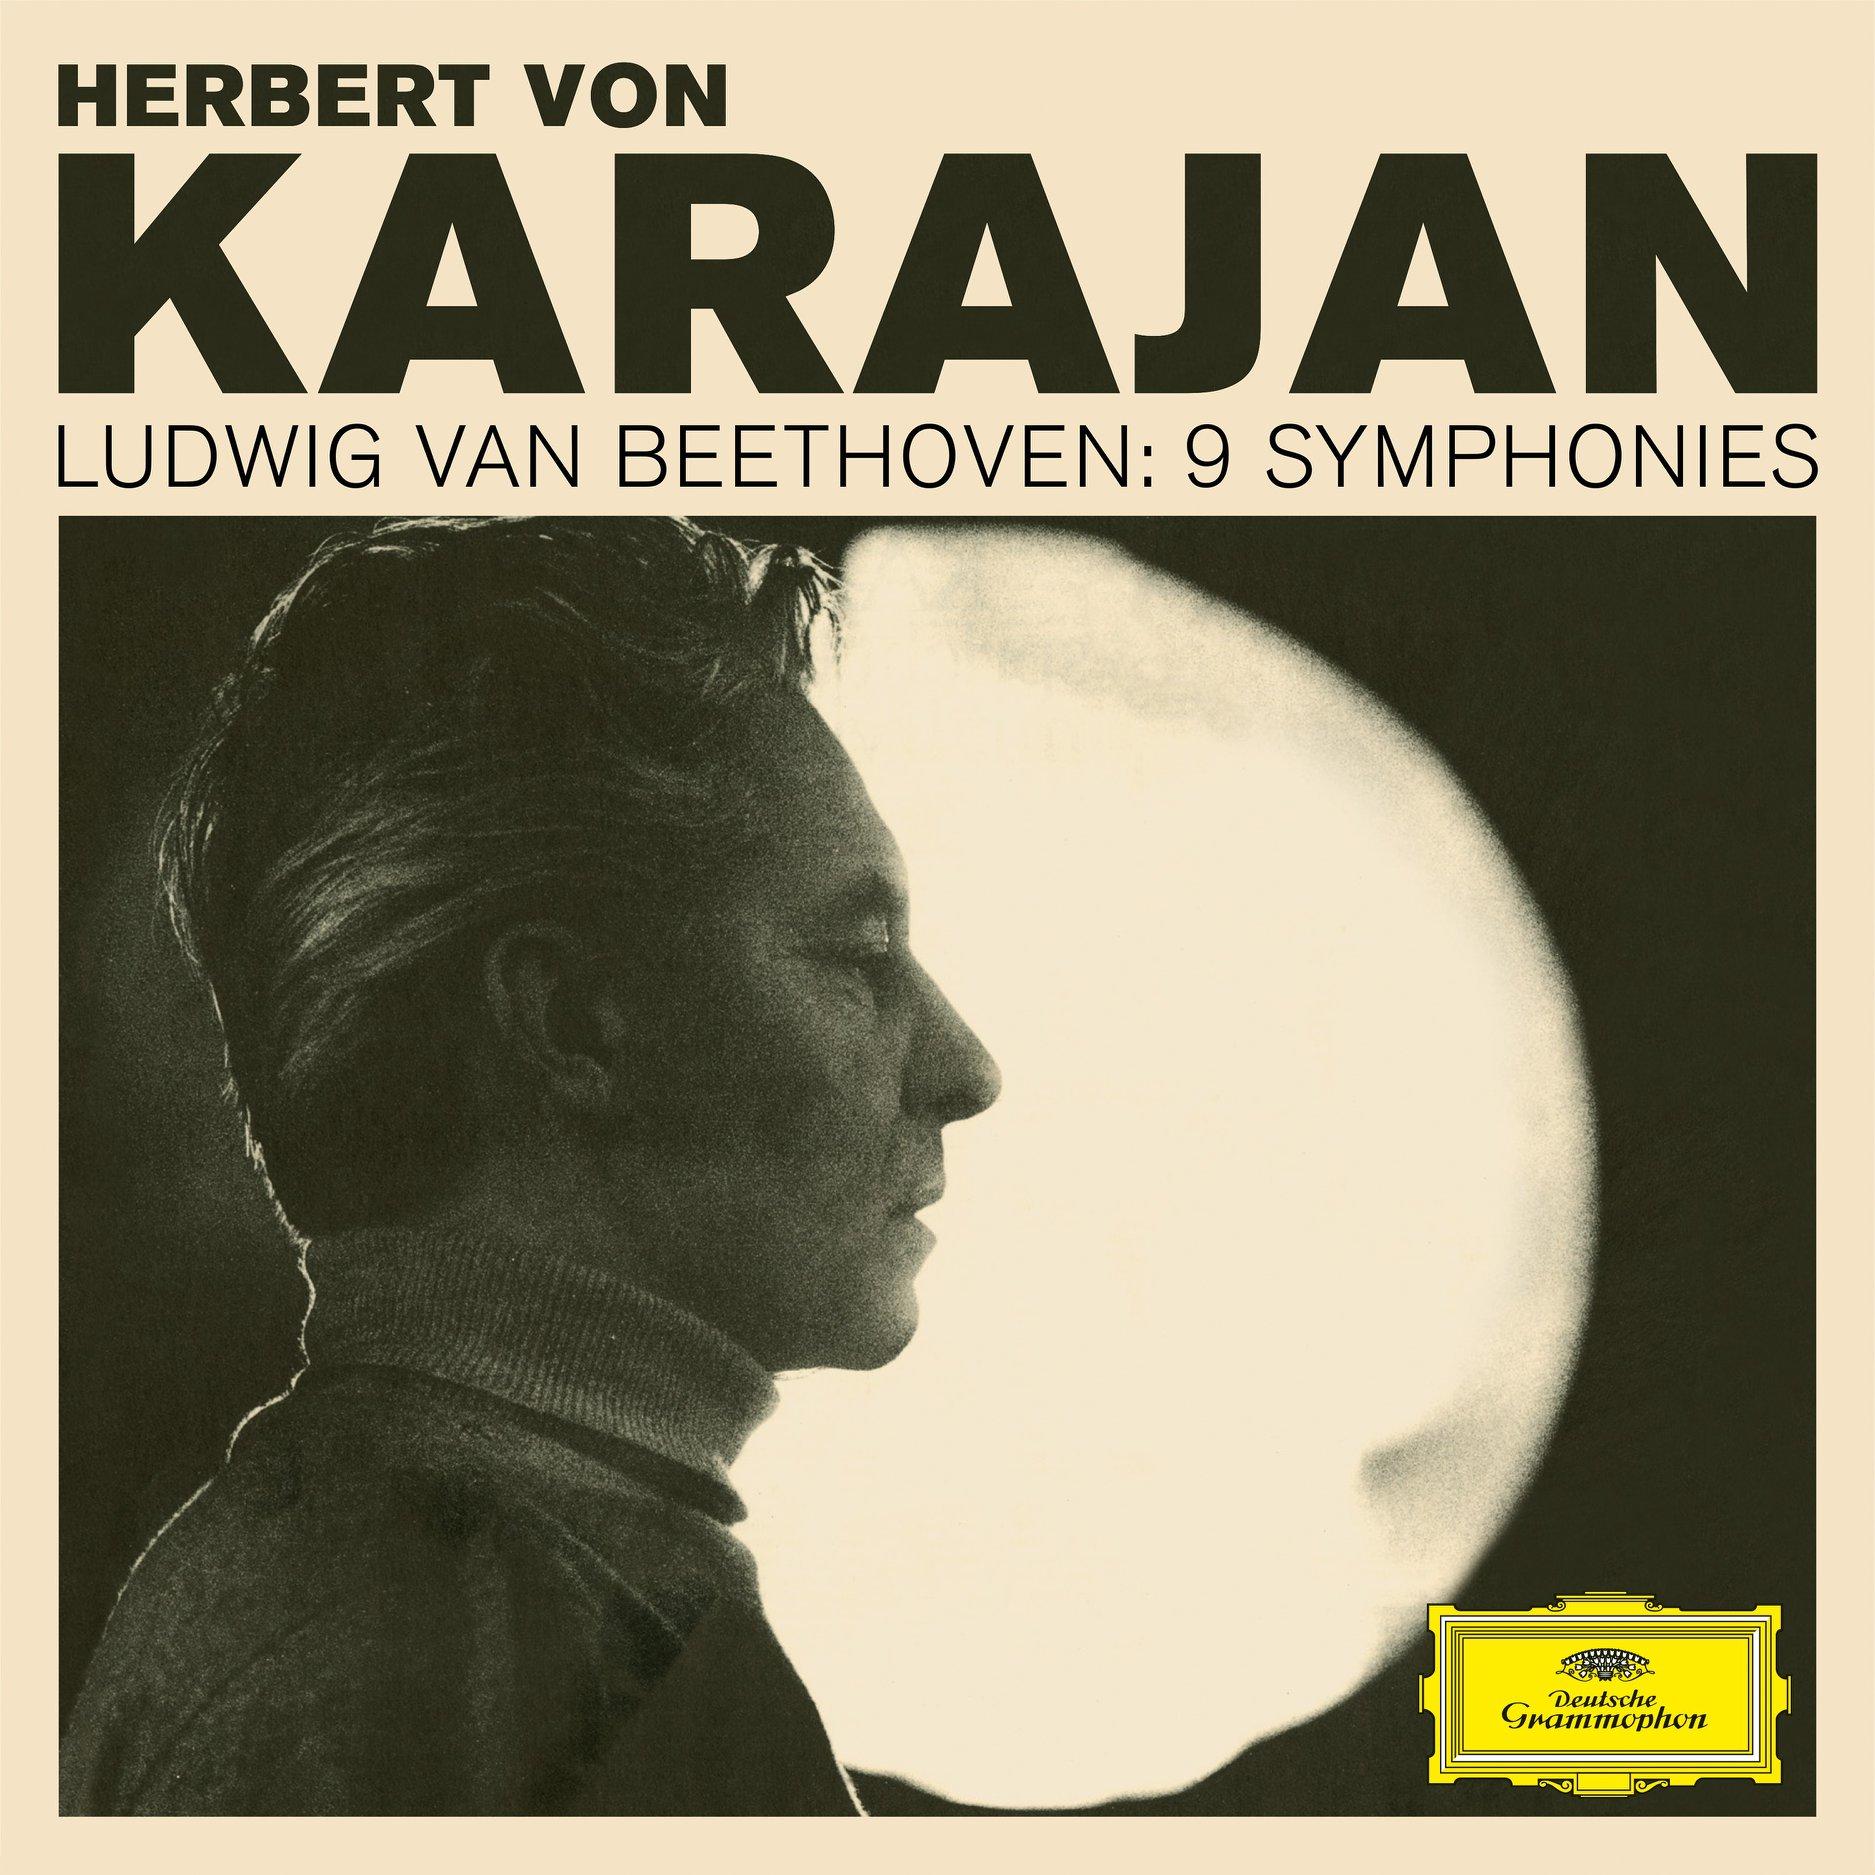 Karajan - Ludwig van Beethoven: 9 Symphonies